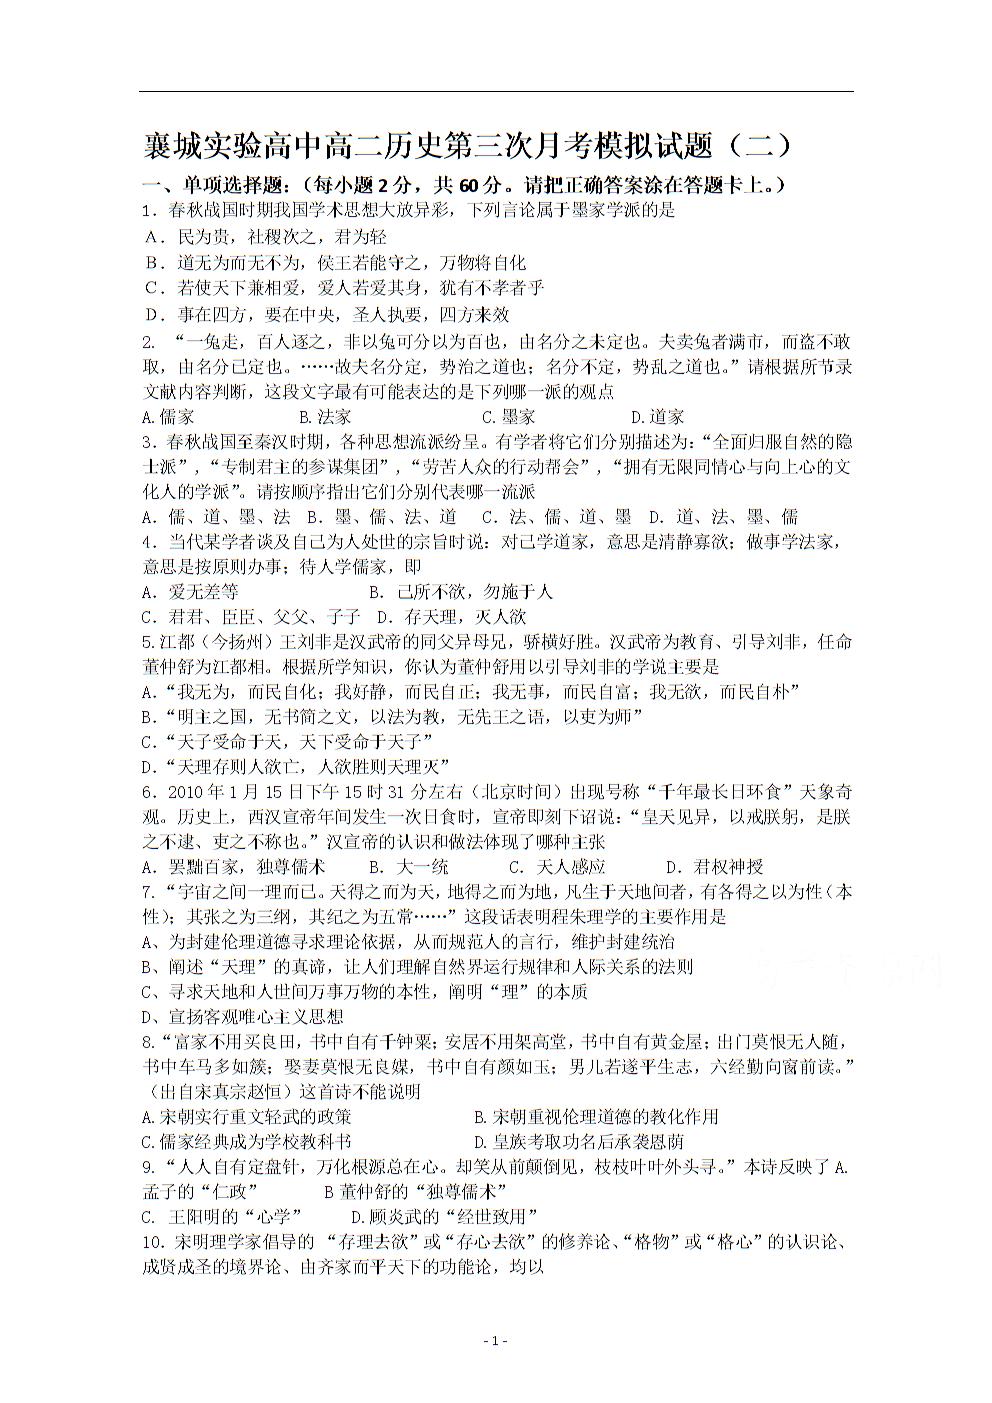 襄城v高中高中高二高中第三次月考模拟考试试题历史考试指南眉山市图片